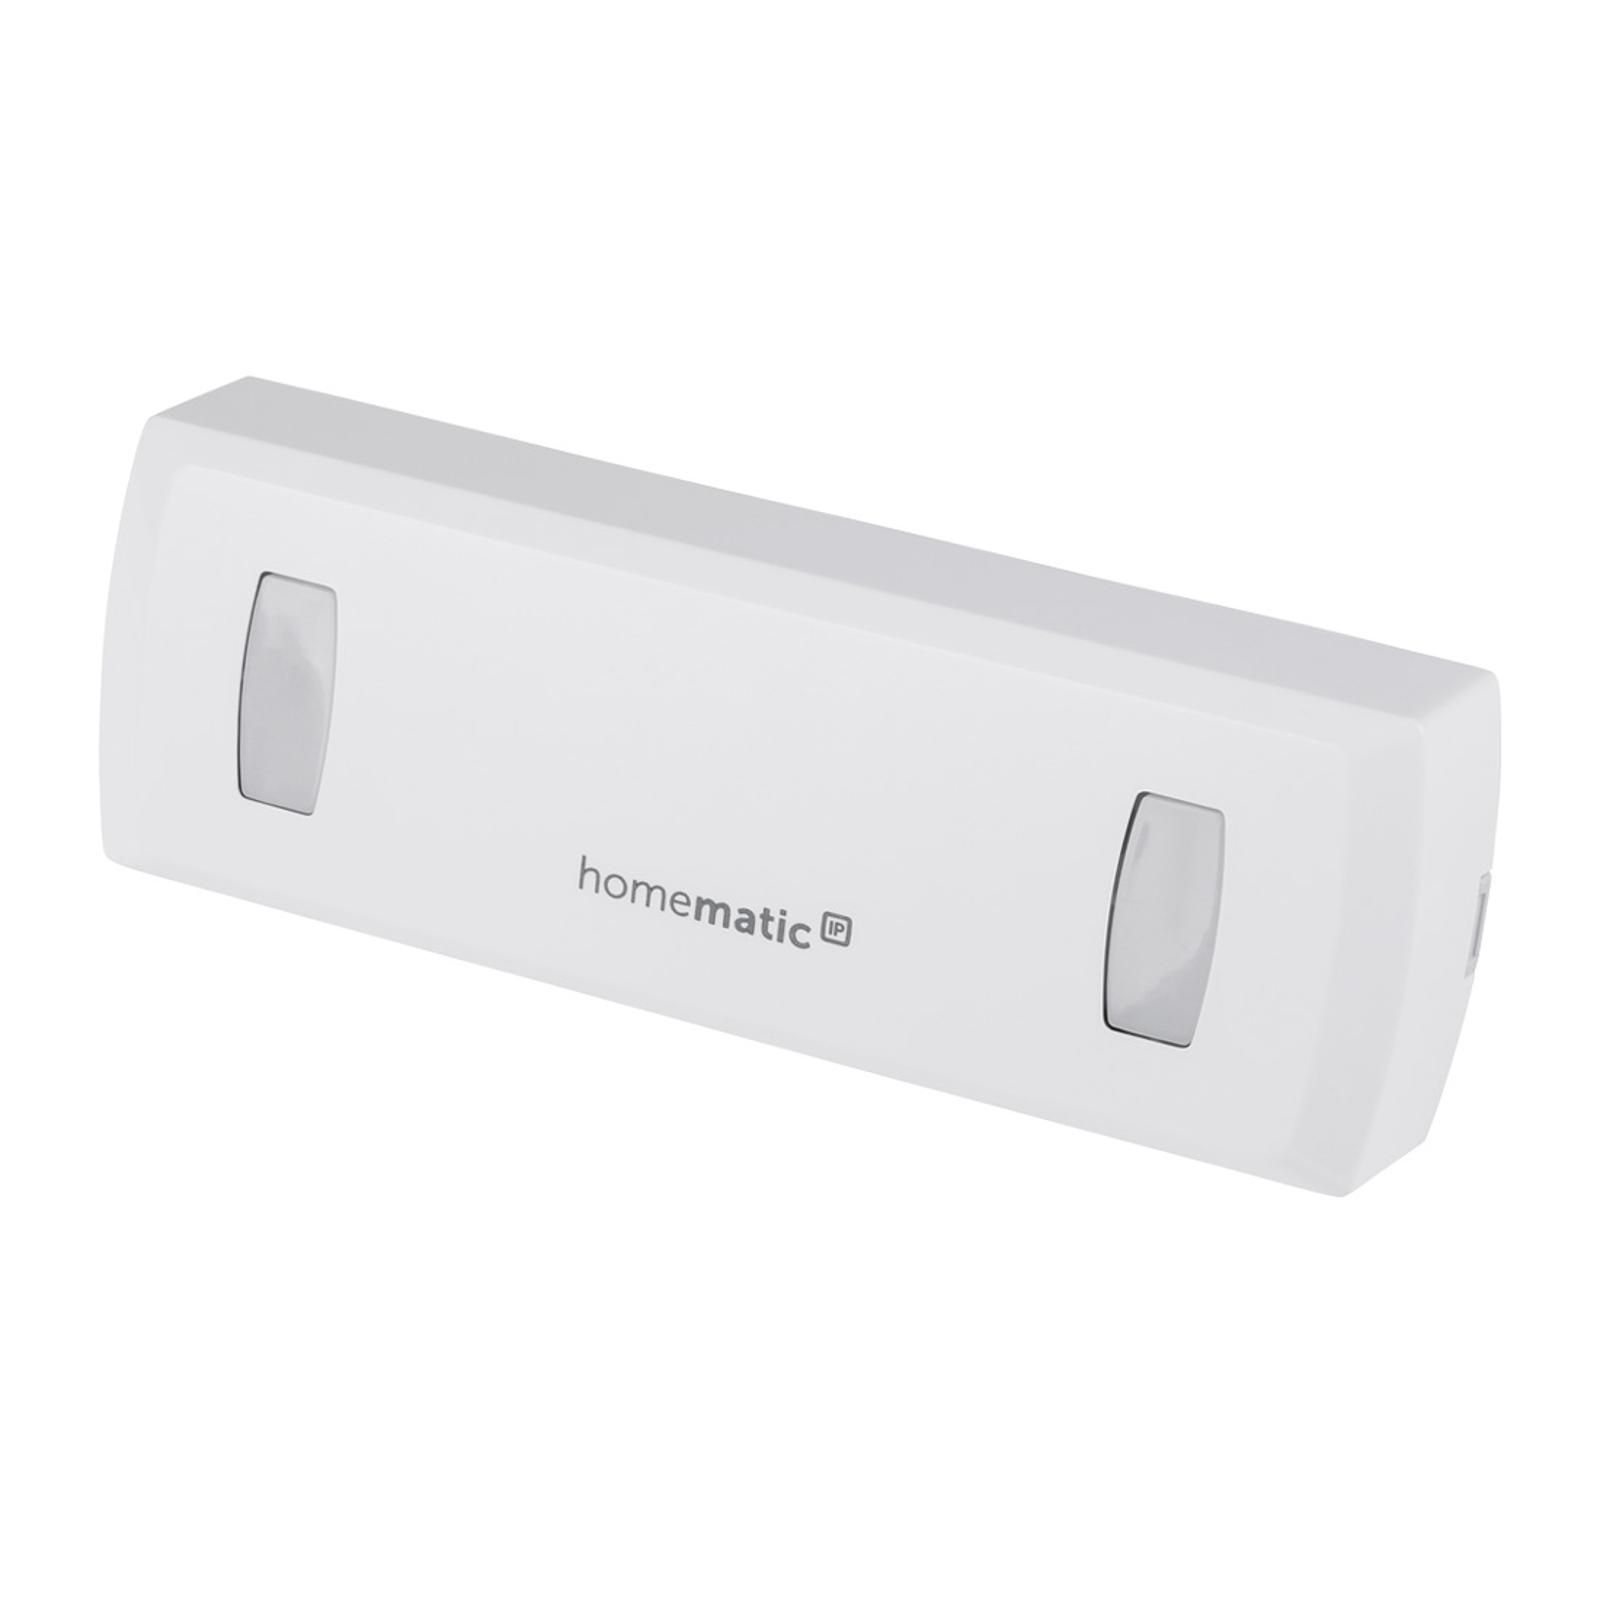 Homematic IP Durchgangssensor, Richtungserkennung